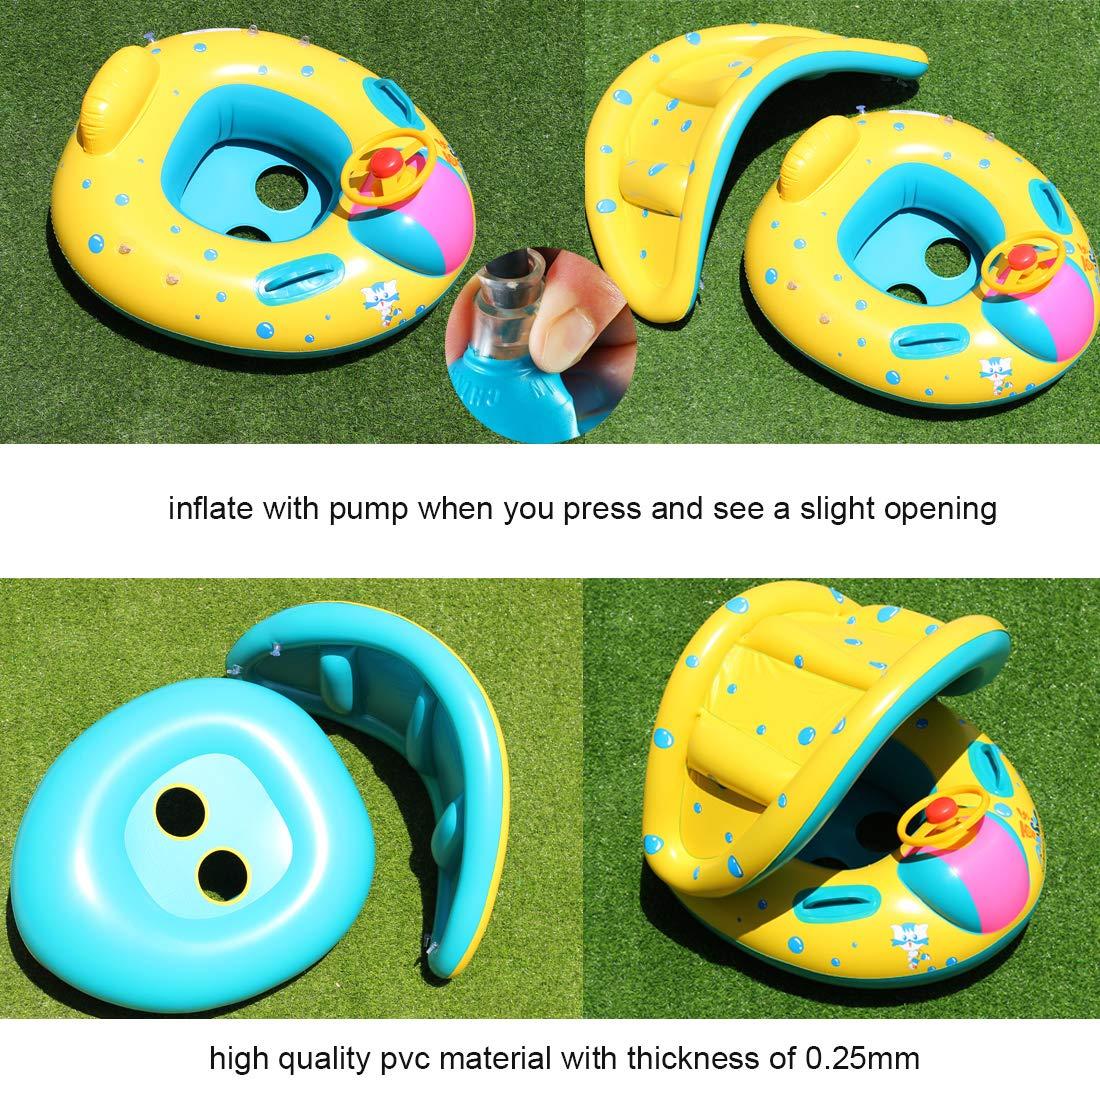 Amazon.com: WTOR Flotador de piscina para bebés con toldo ...